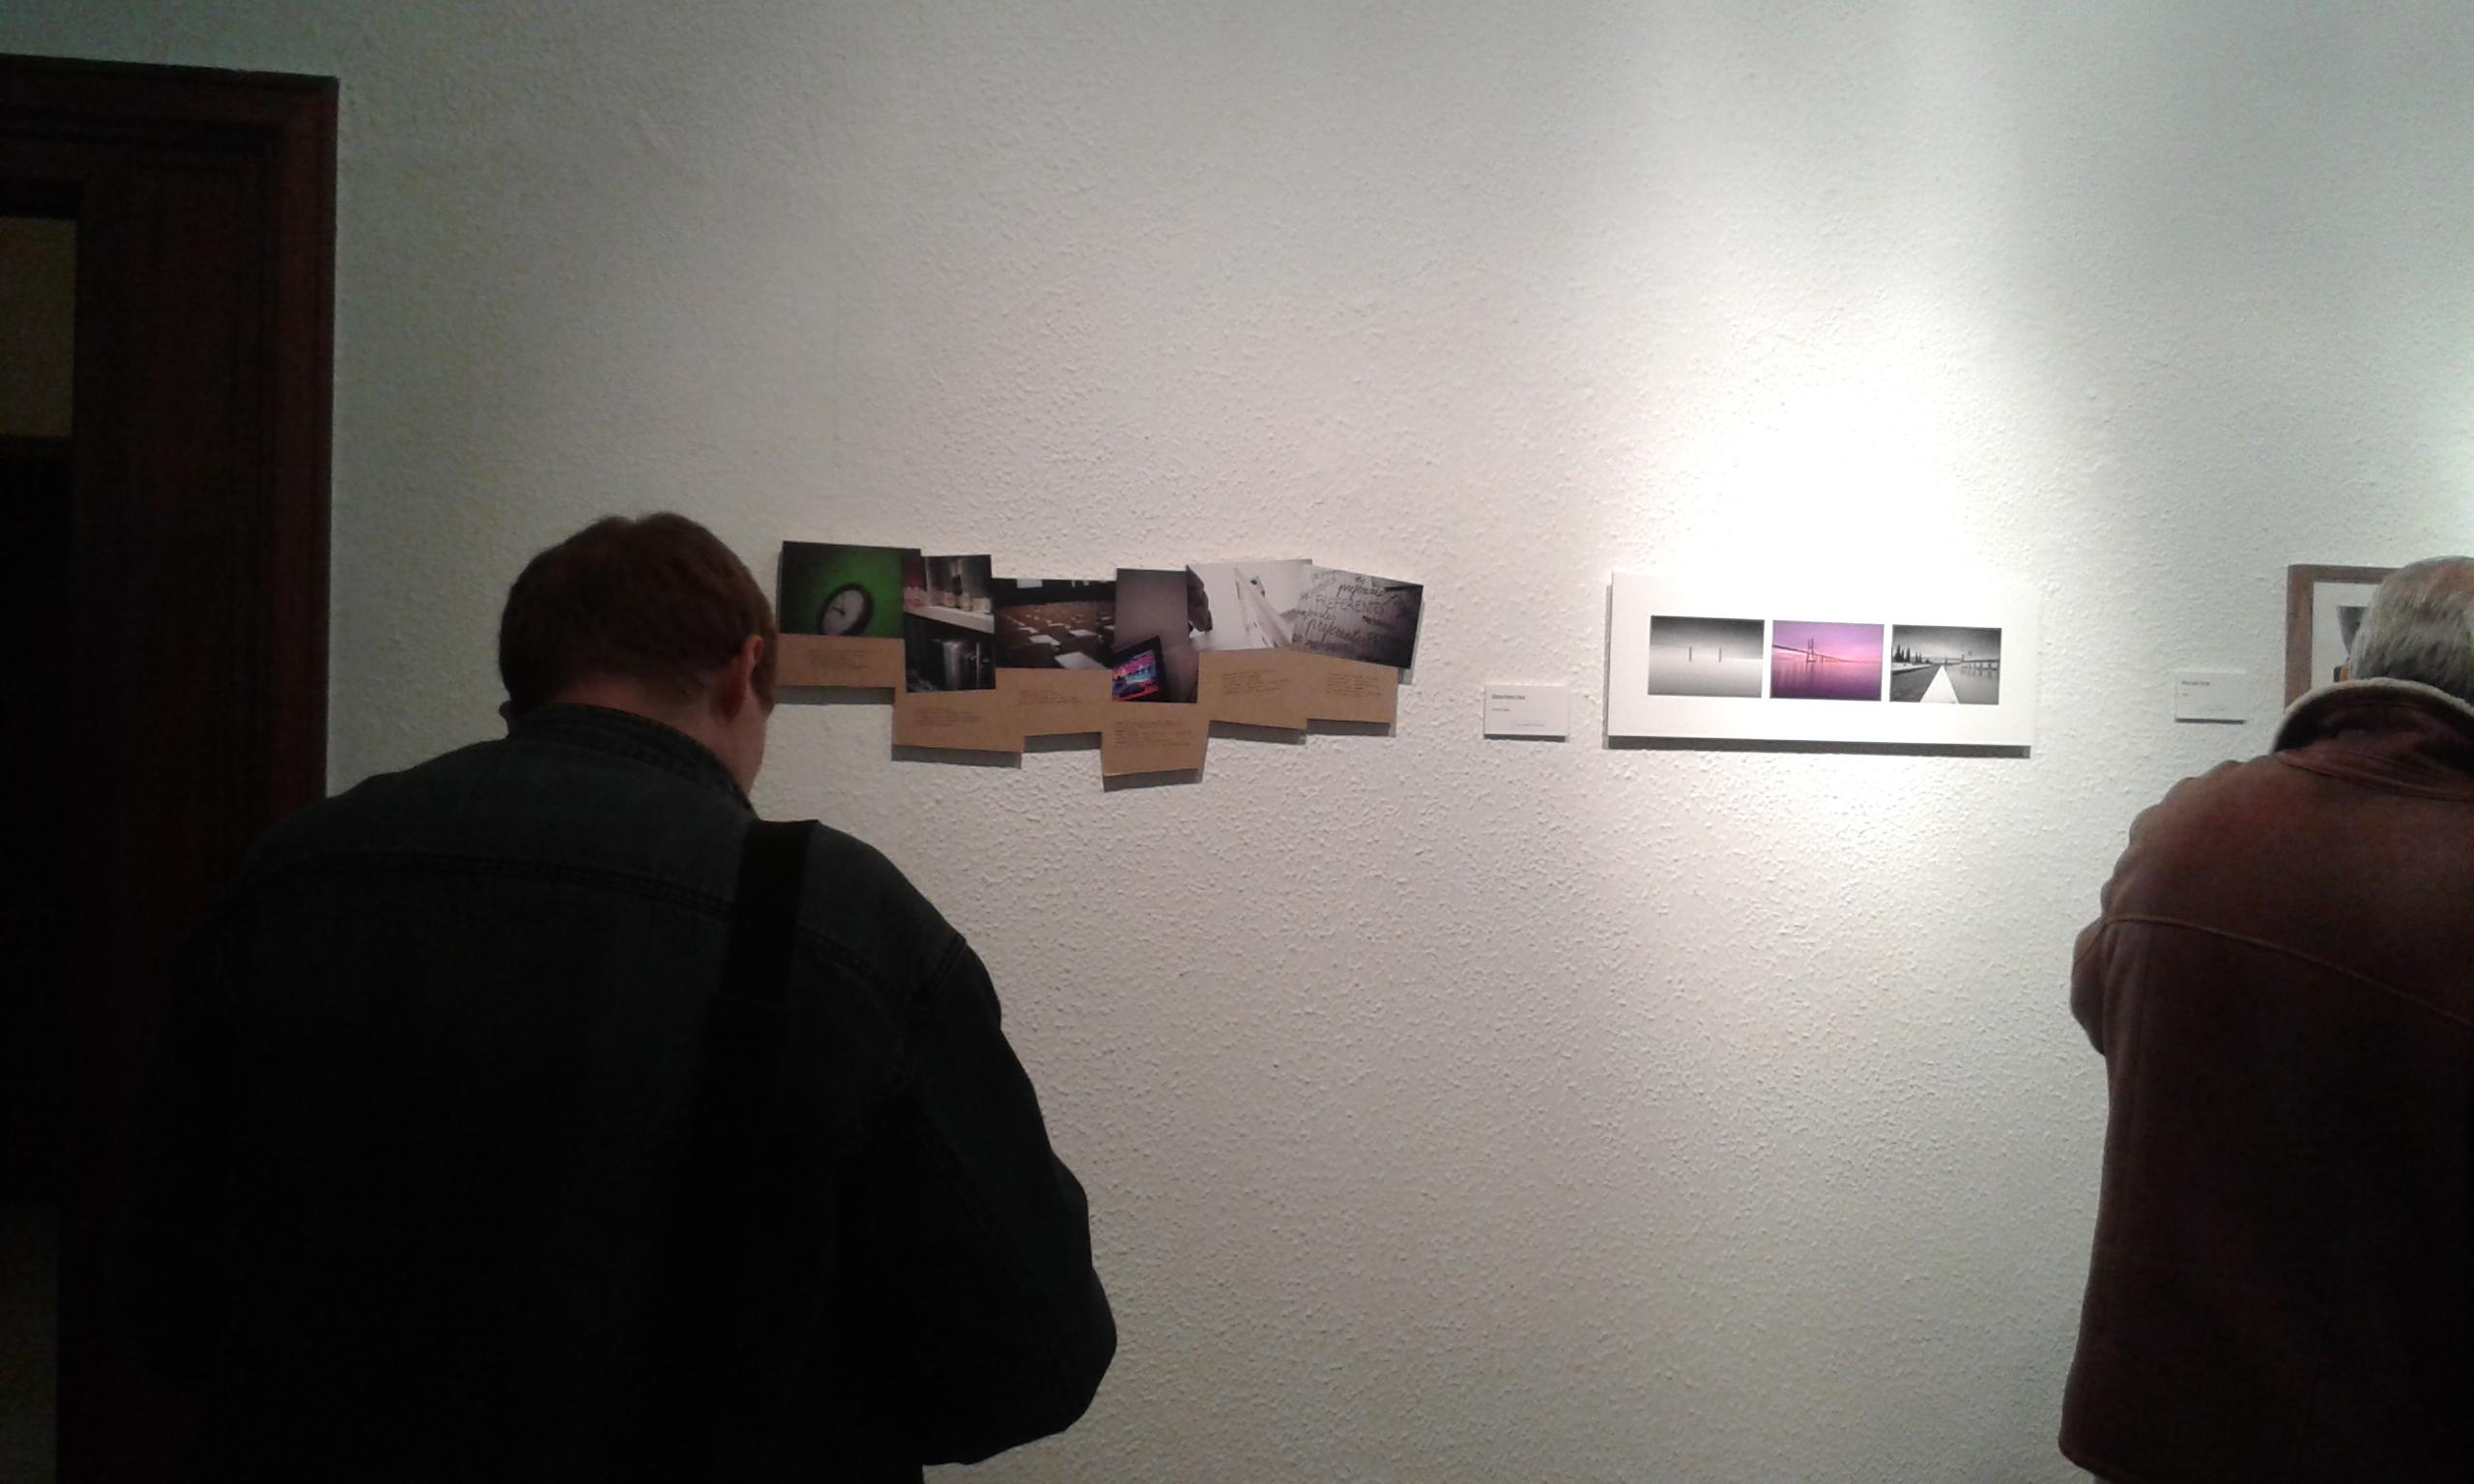 'I Concurso de Narración Fotográfica Dra. Susana Santeiro'